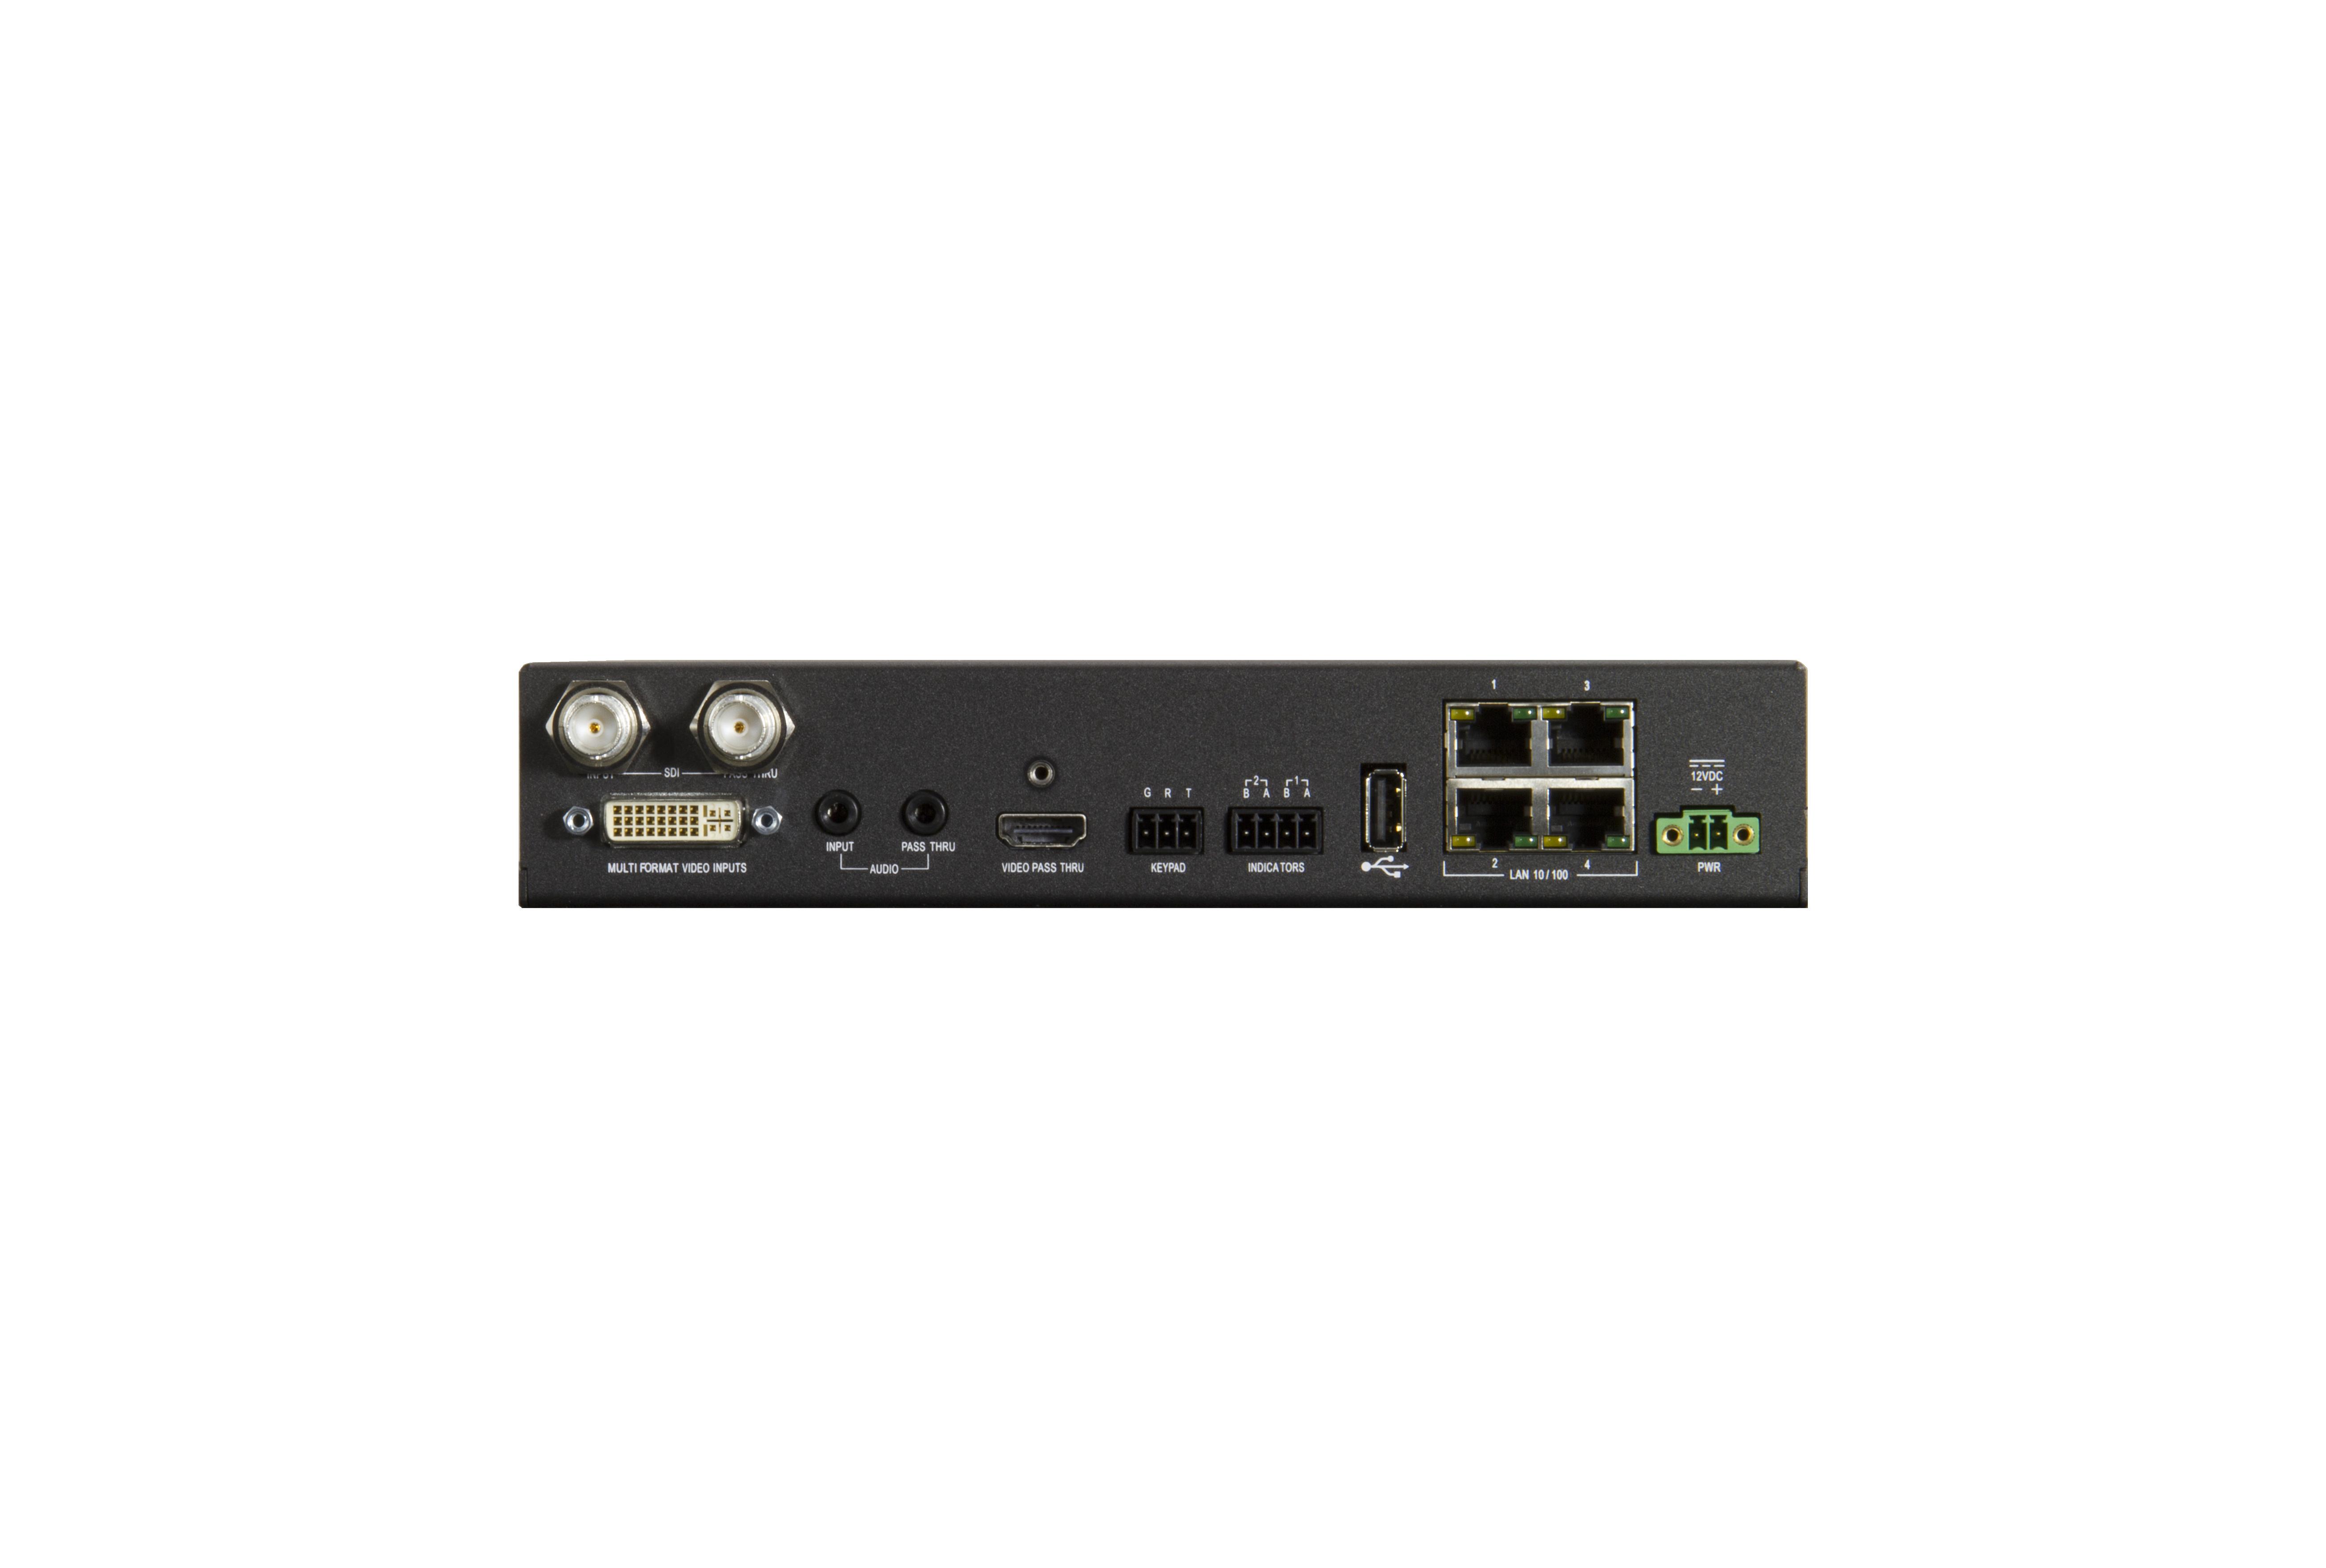 NMX-ENC-1105 - Rear